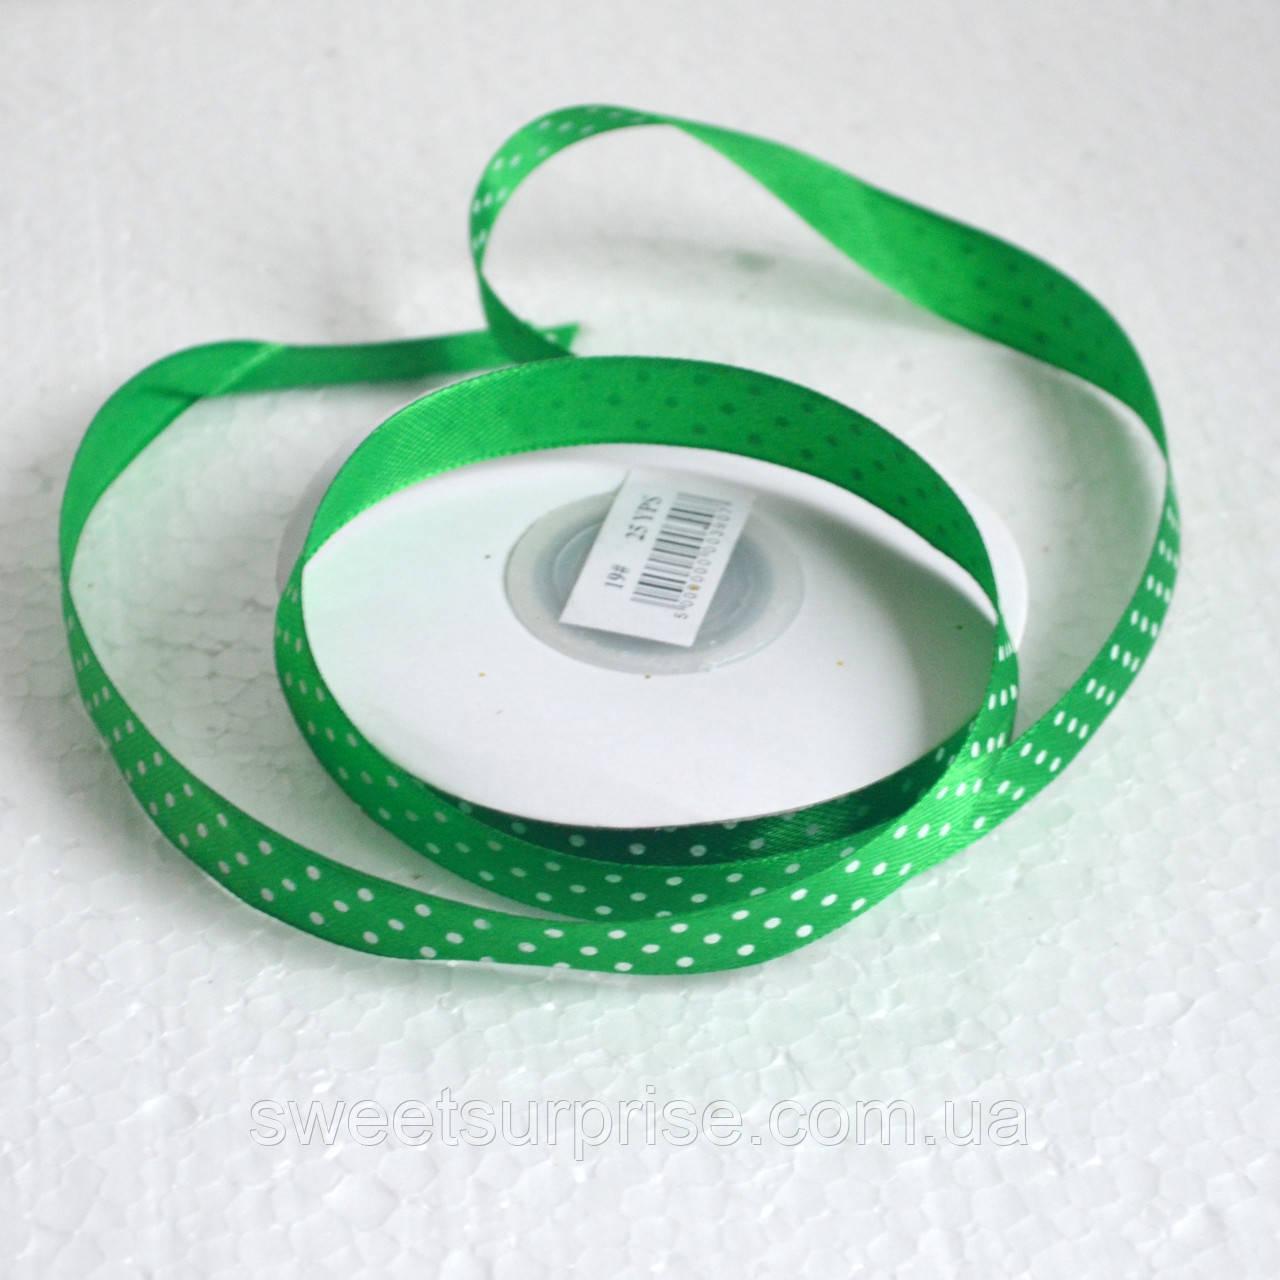 Стрічка атласна в горох 12 мм (зелений)